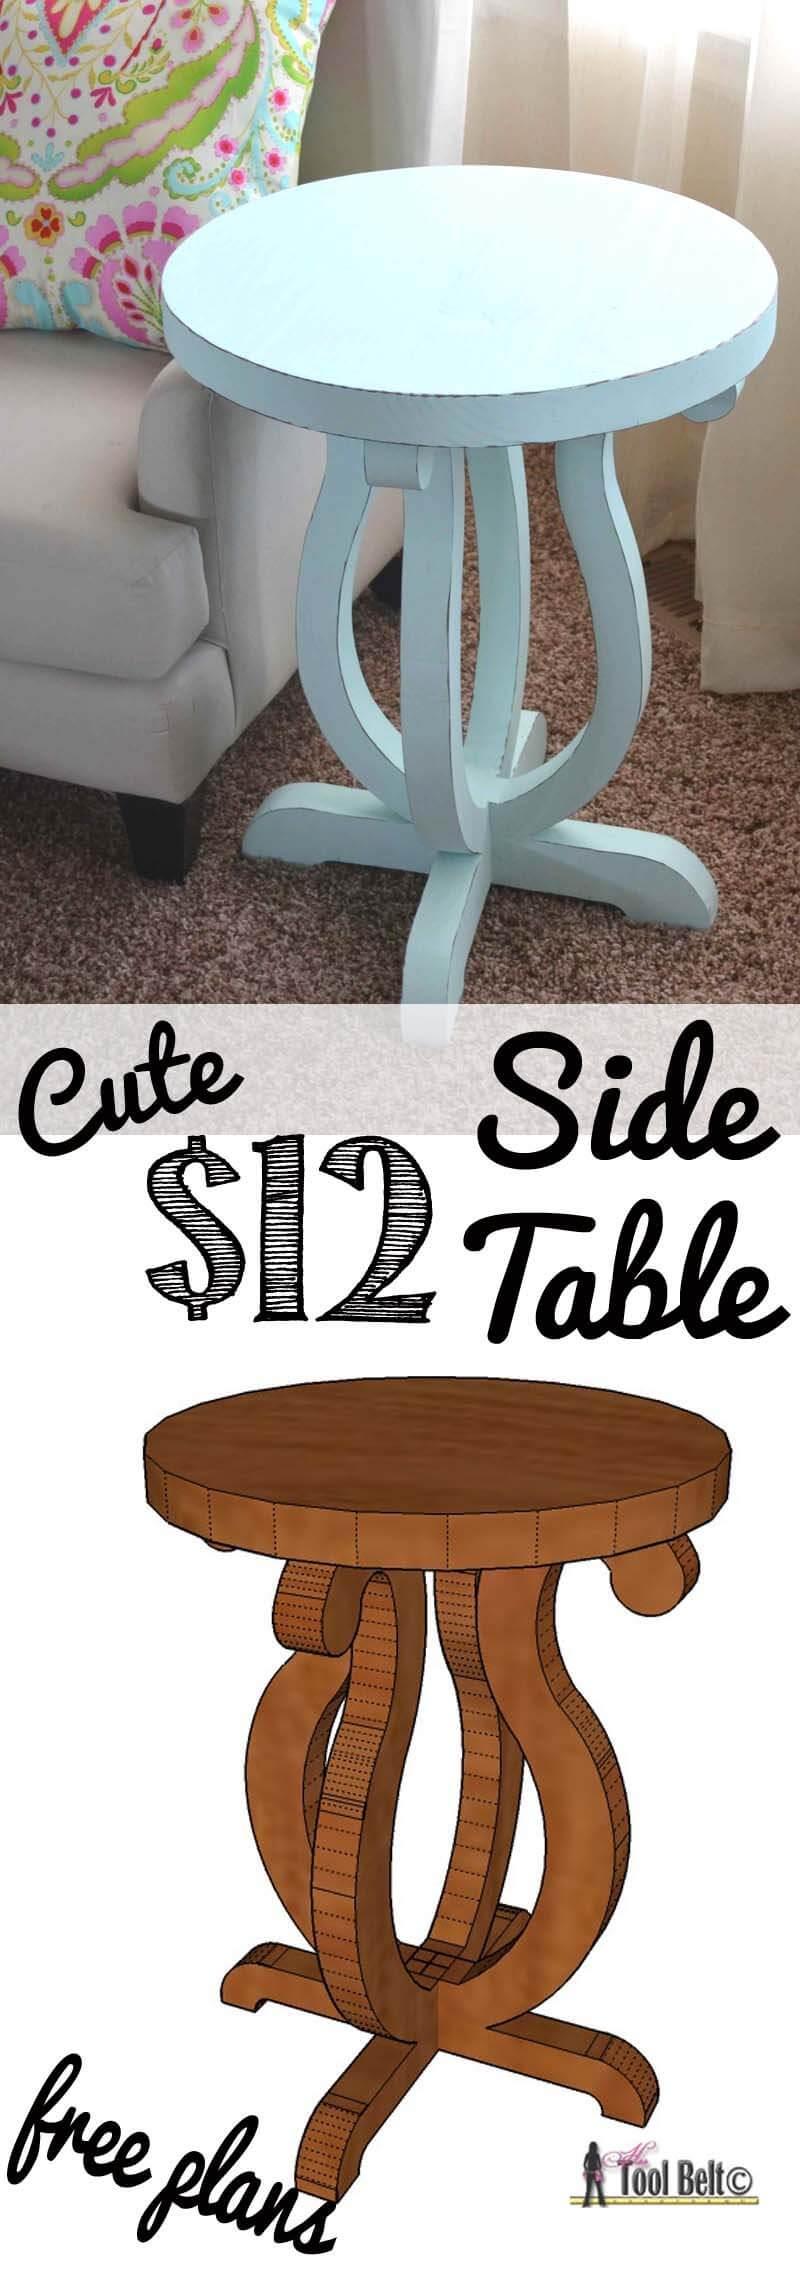 Table d'appoint de bricolage Splendor simplifiée